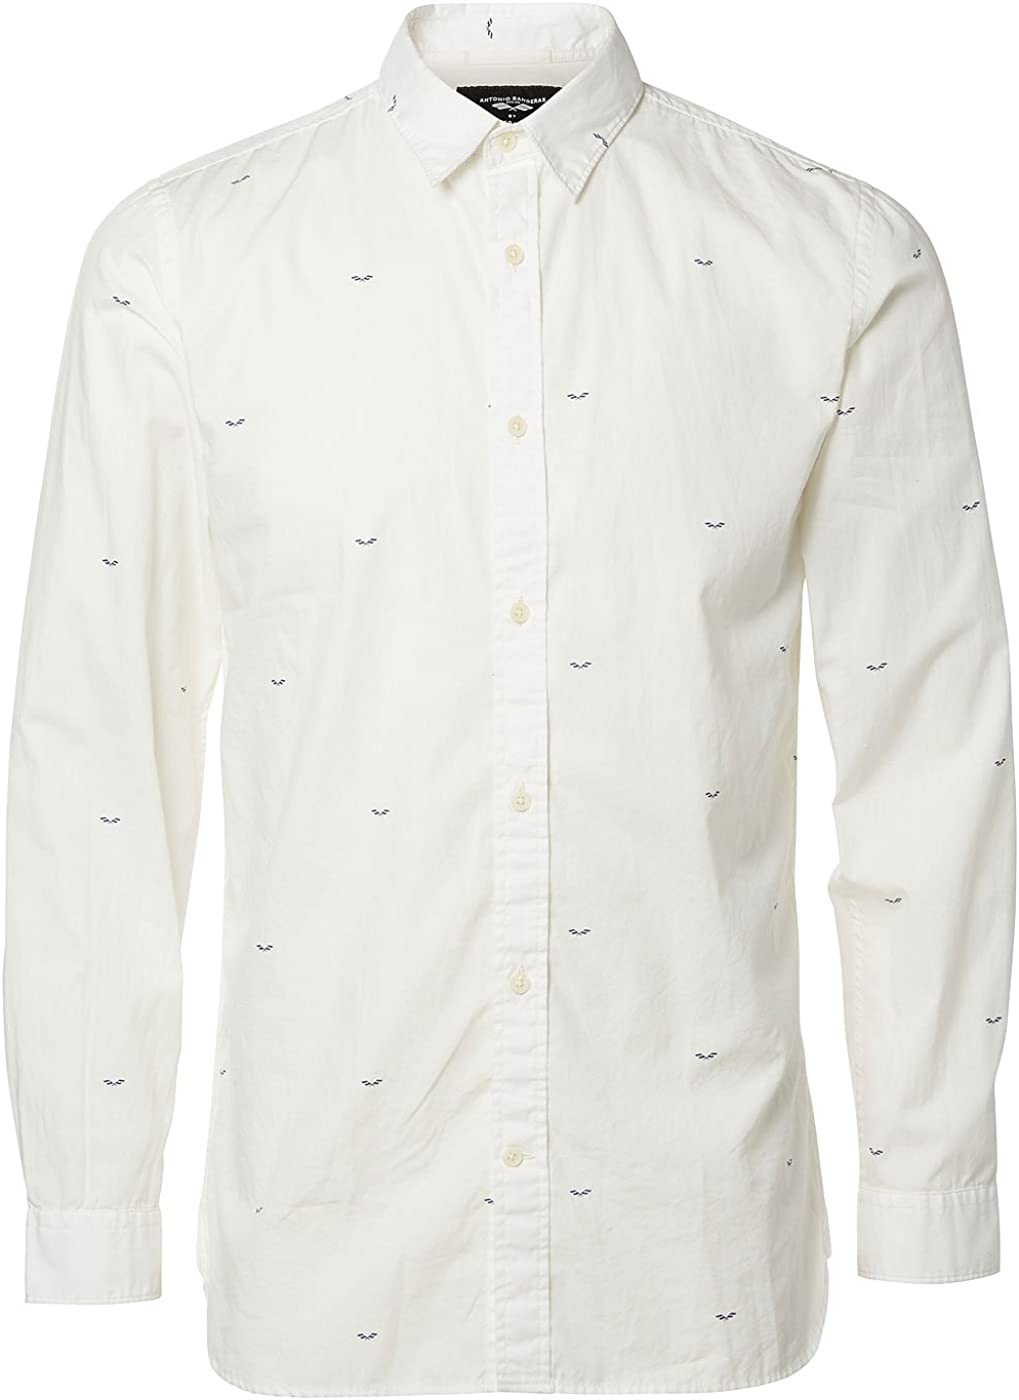 Selected Antonio Banderas Camisa Blanca